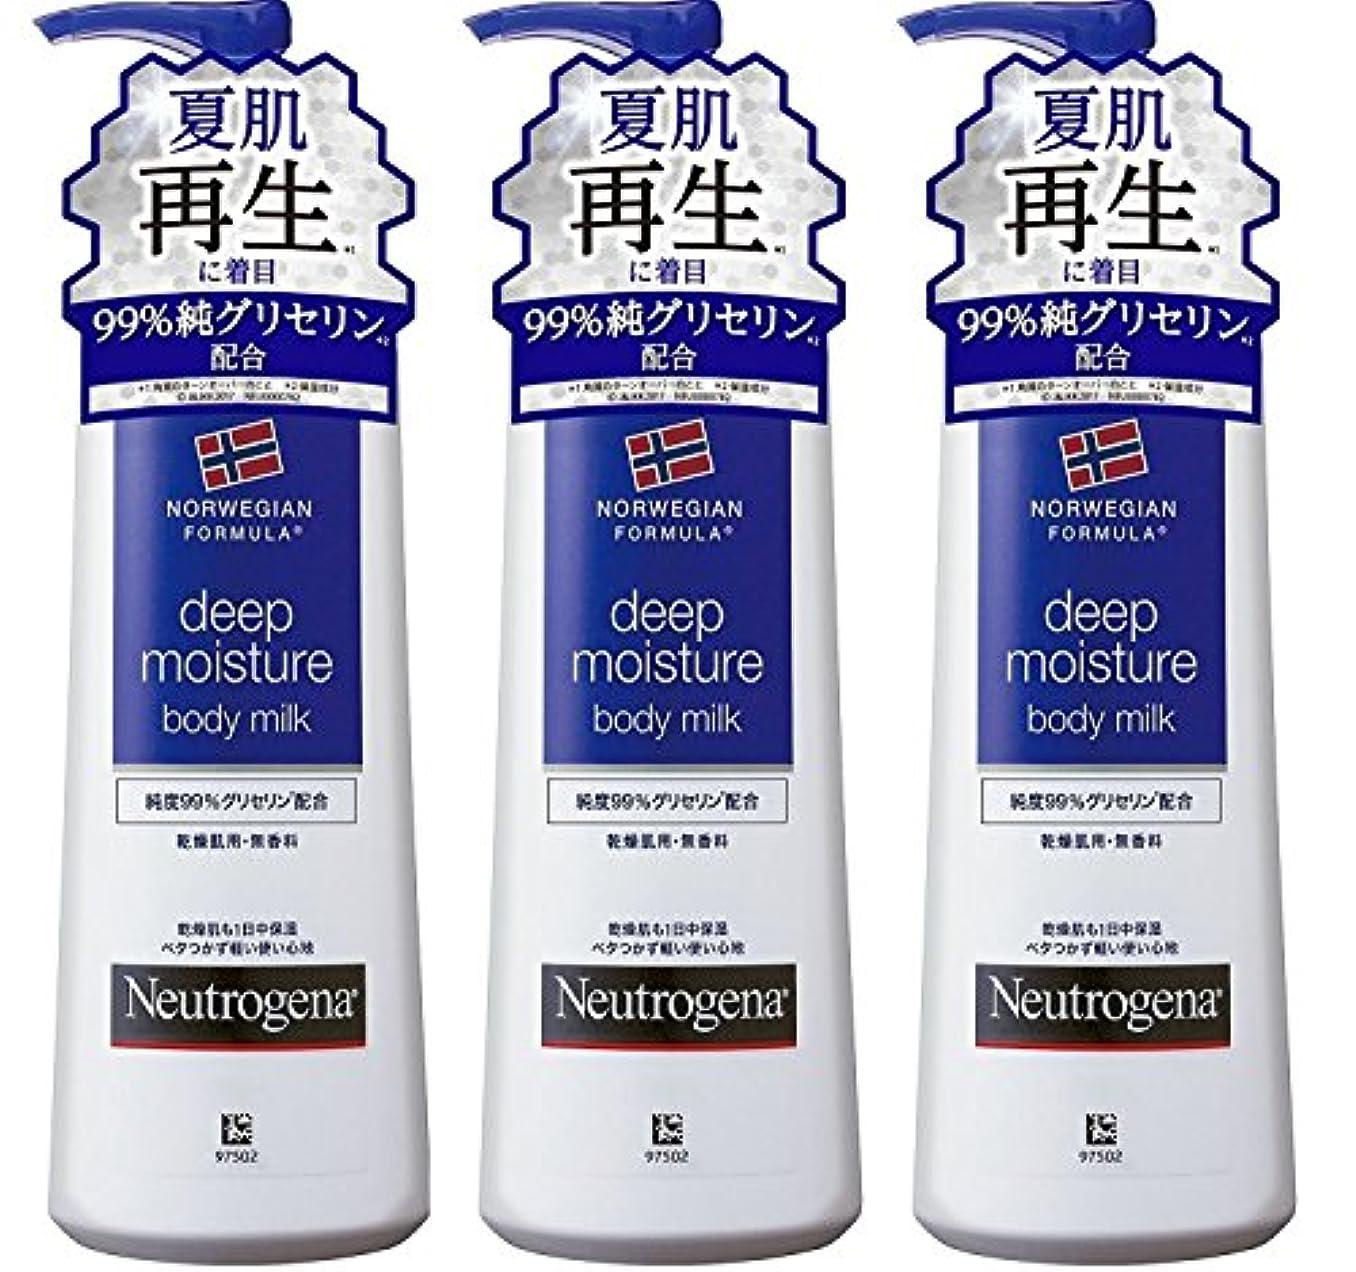 相談する反対する明日Neutrogena(ニュートロジーナ) ノルウェーフォーミュラ ディープモイスチャー ボディミルク250mL×3セット